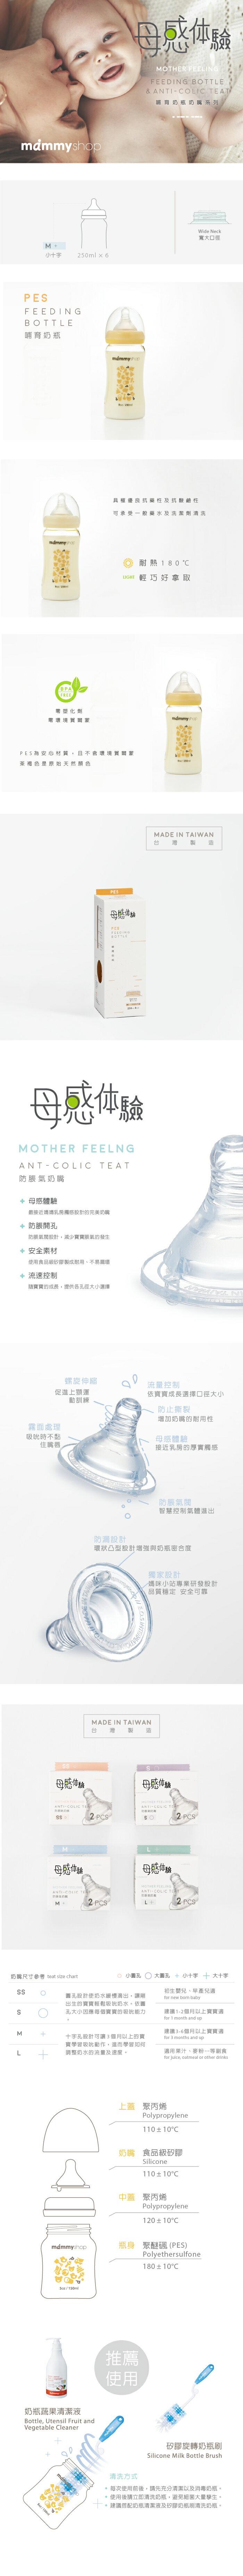 Mammyshop媽咪小站 - 母感體驗 PES防脹氣奶瓶 寬大口徑 250ml 6入 超值組 1